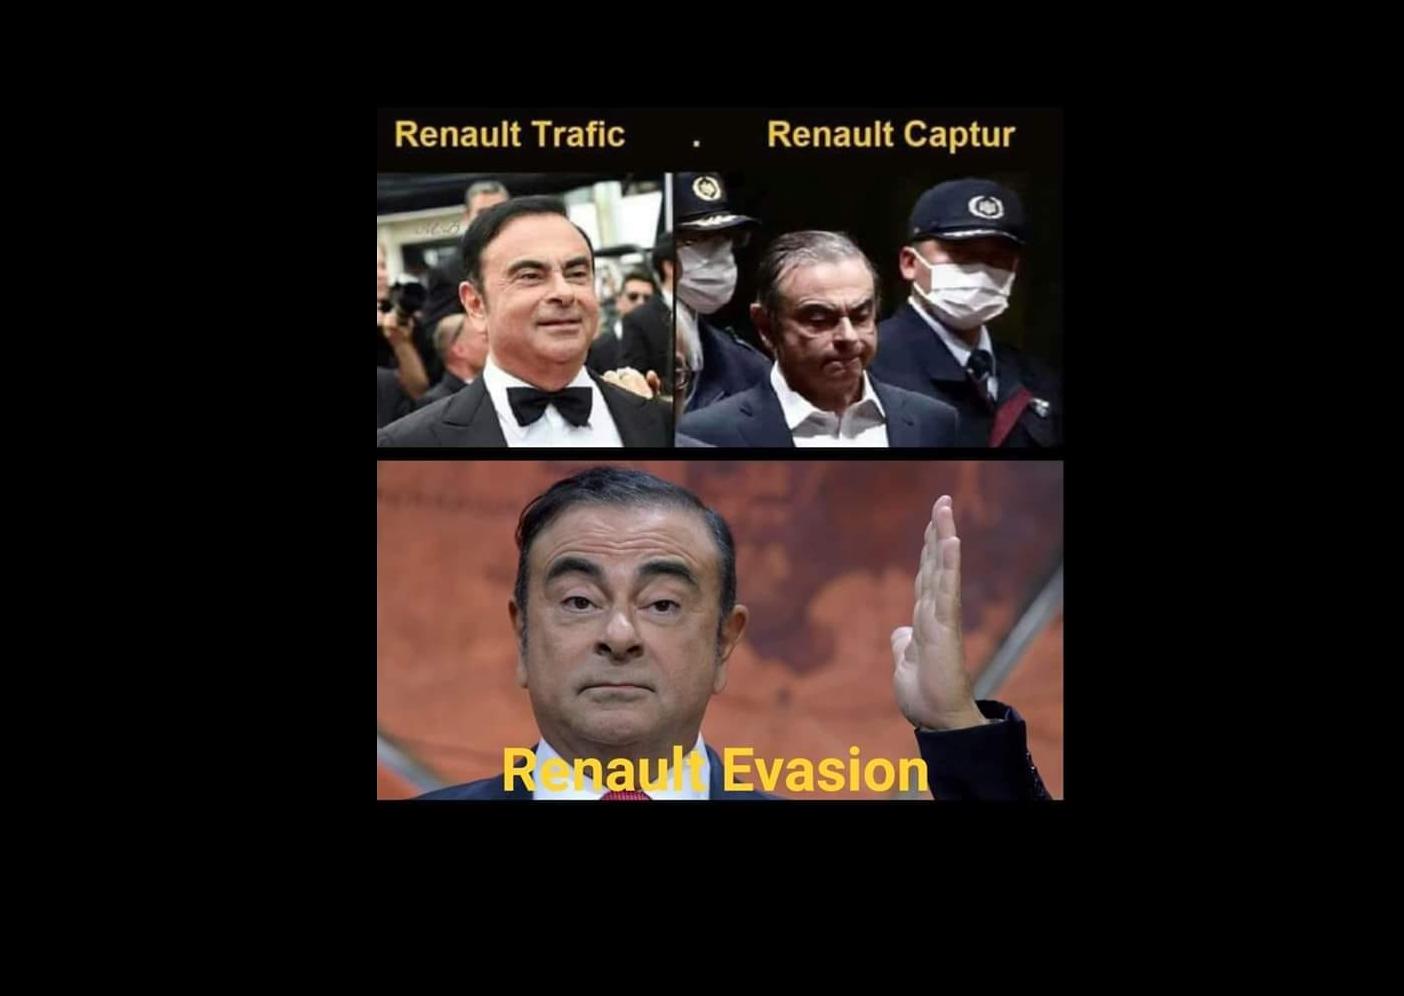 Meme sobre as três etapas do escândalo envolvendo Carlos Ghosn.